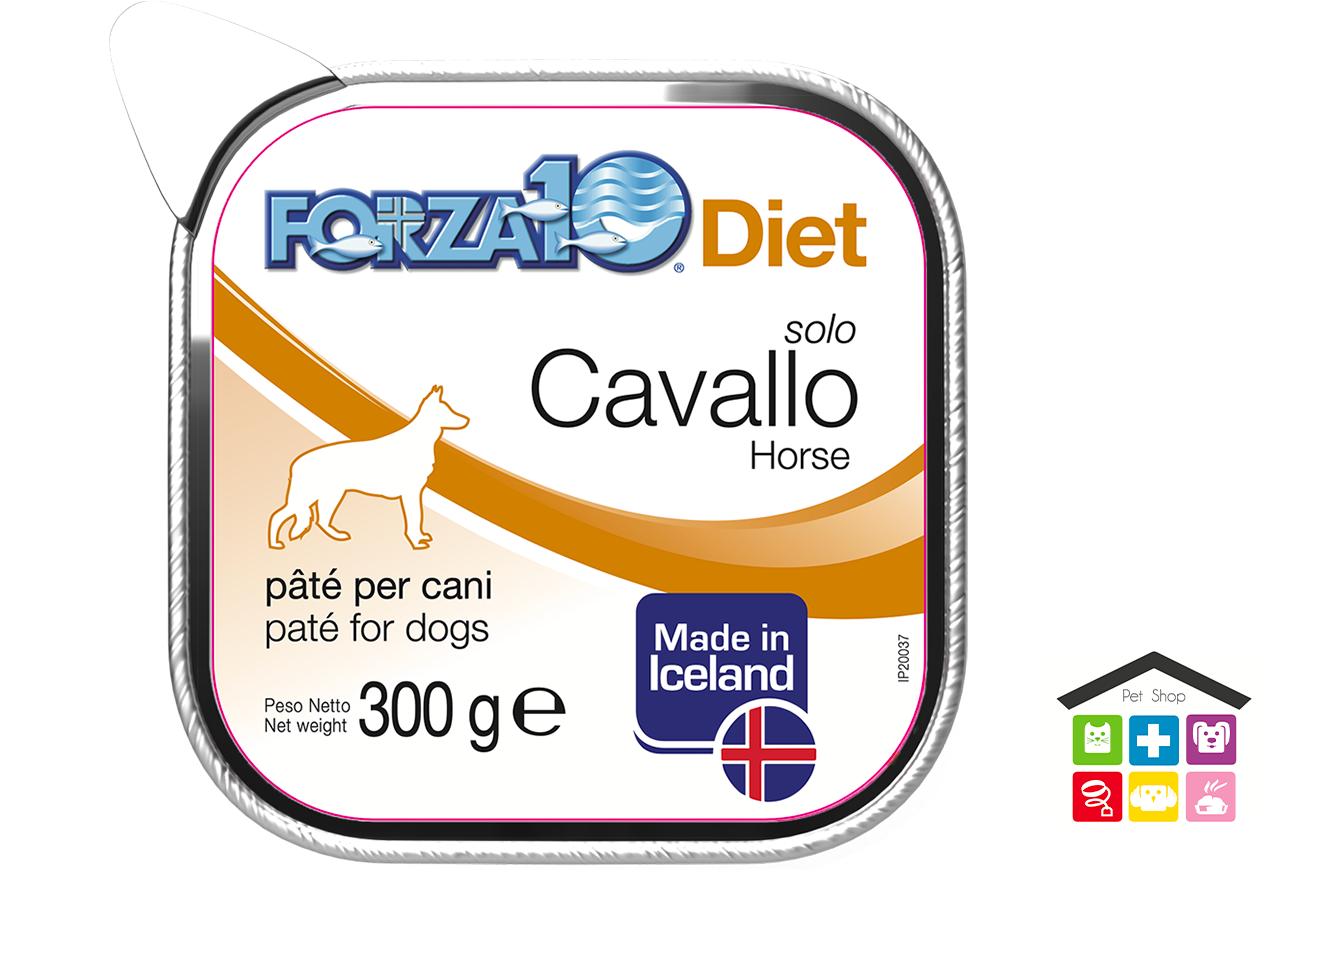 Forza 10 Diet Cane Umido  Solo Diet Cavallo 0,300g